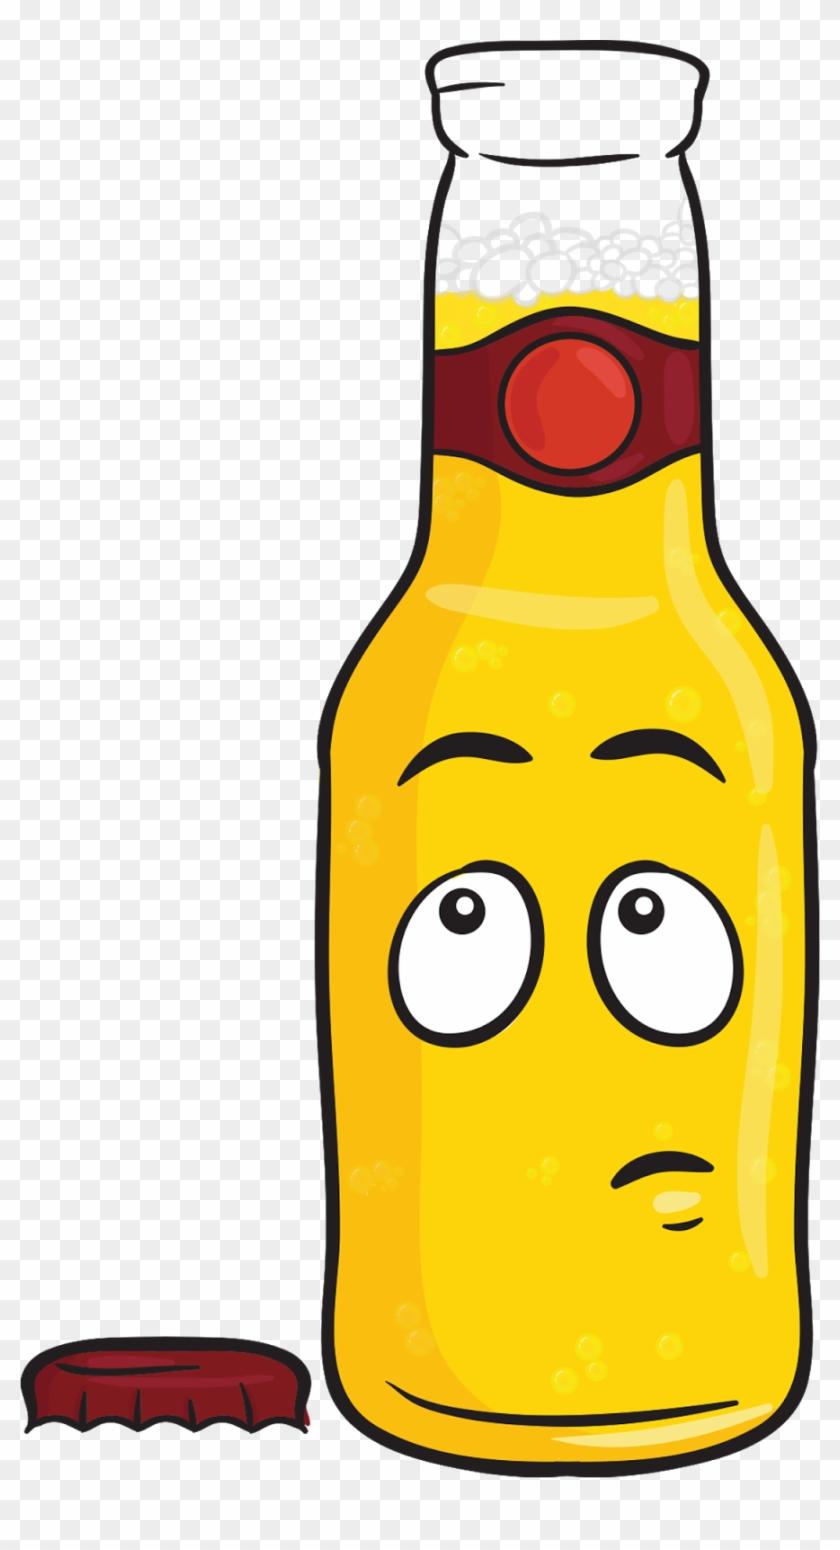 Upcoming Jacksonville Craft Beer Events - Cartoon Bottle Of Beer #331235